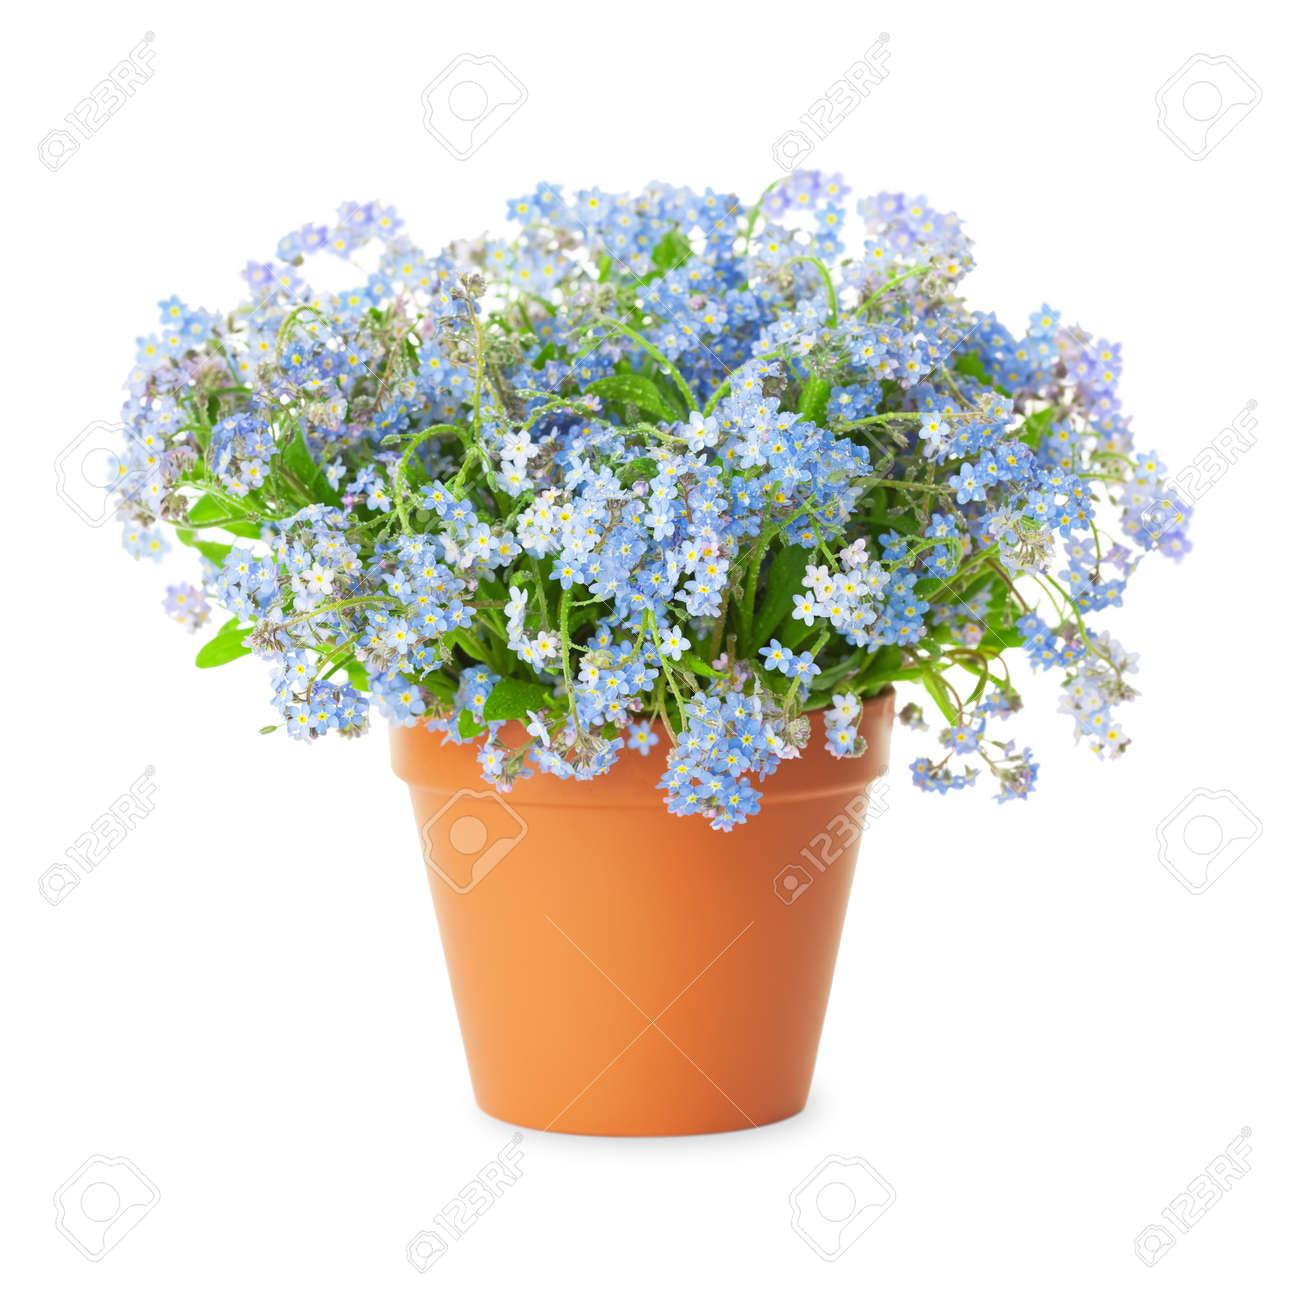 Bloemen In Pot.Vergeet Mij Niet Bloemen In Pot Gea Soleerd Op Een Witte Achtergrond